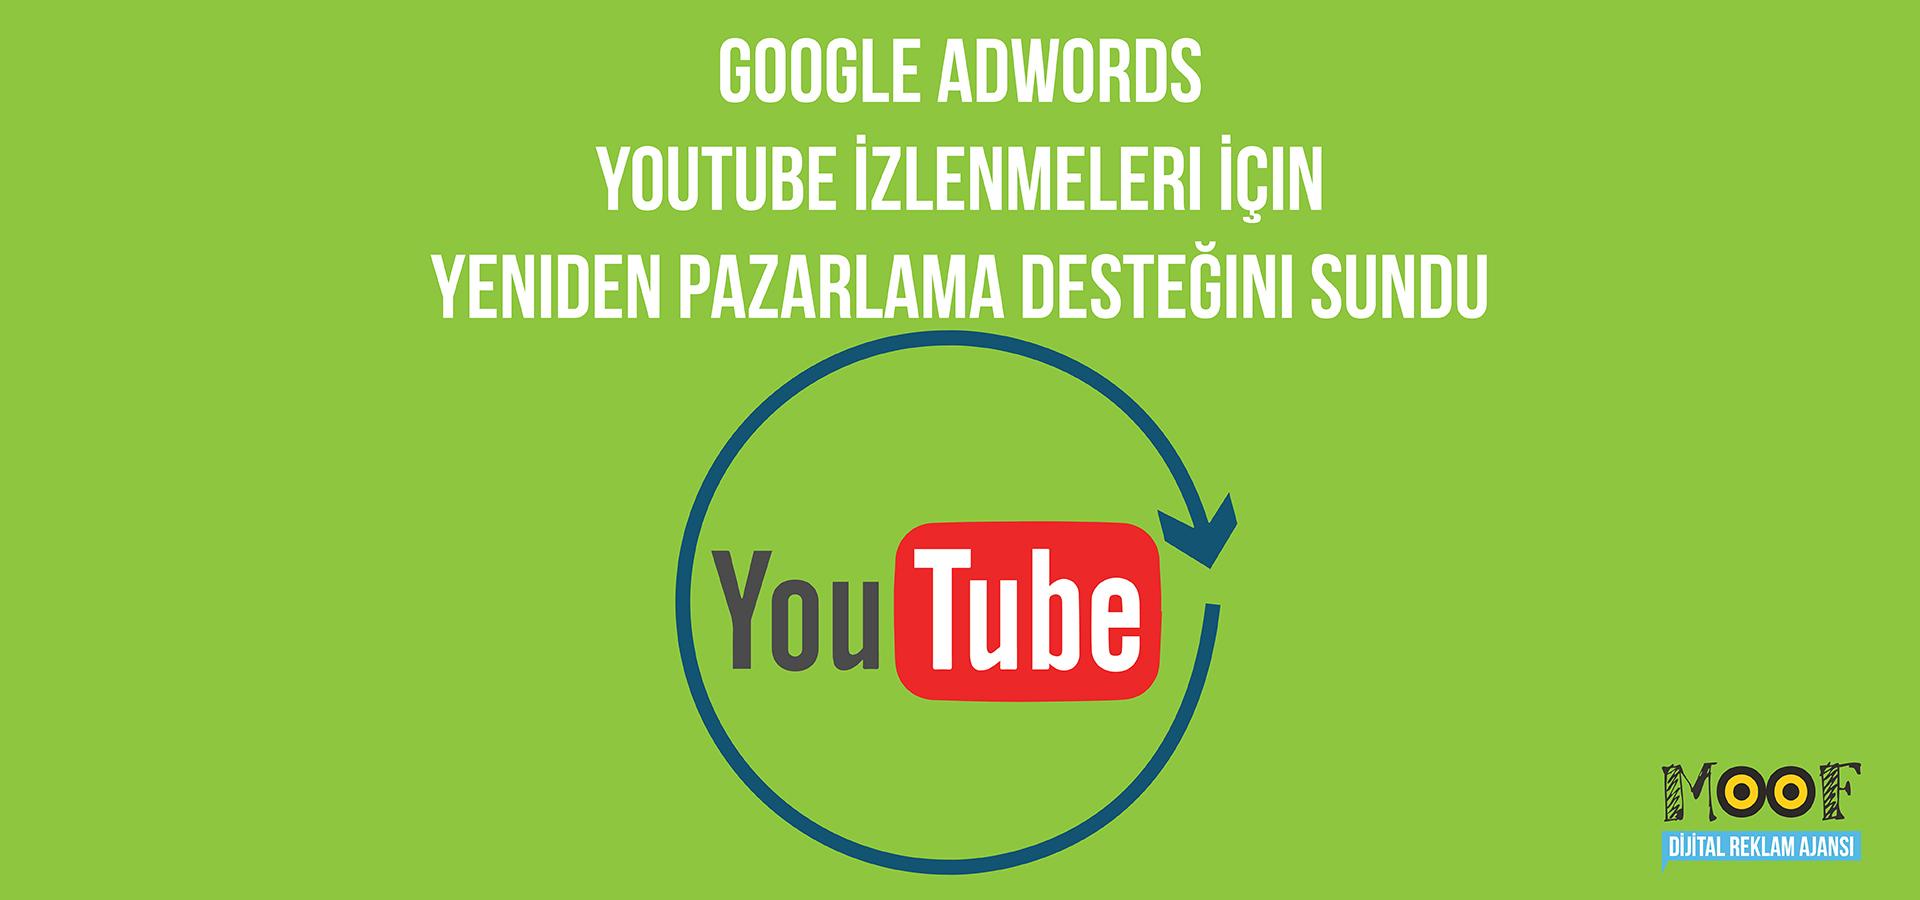 Google AdWords YouTube İzlenmeleri İçin Yeniden Pazarlama Desteğini Sundu